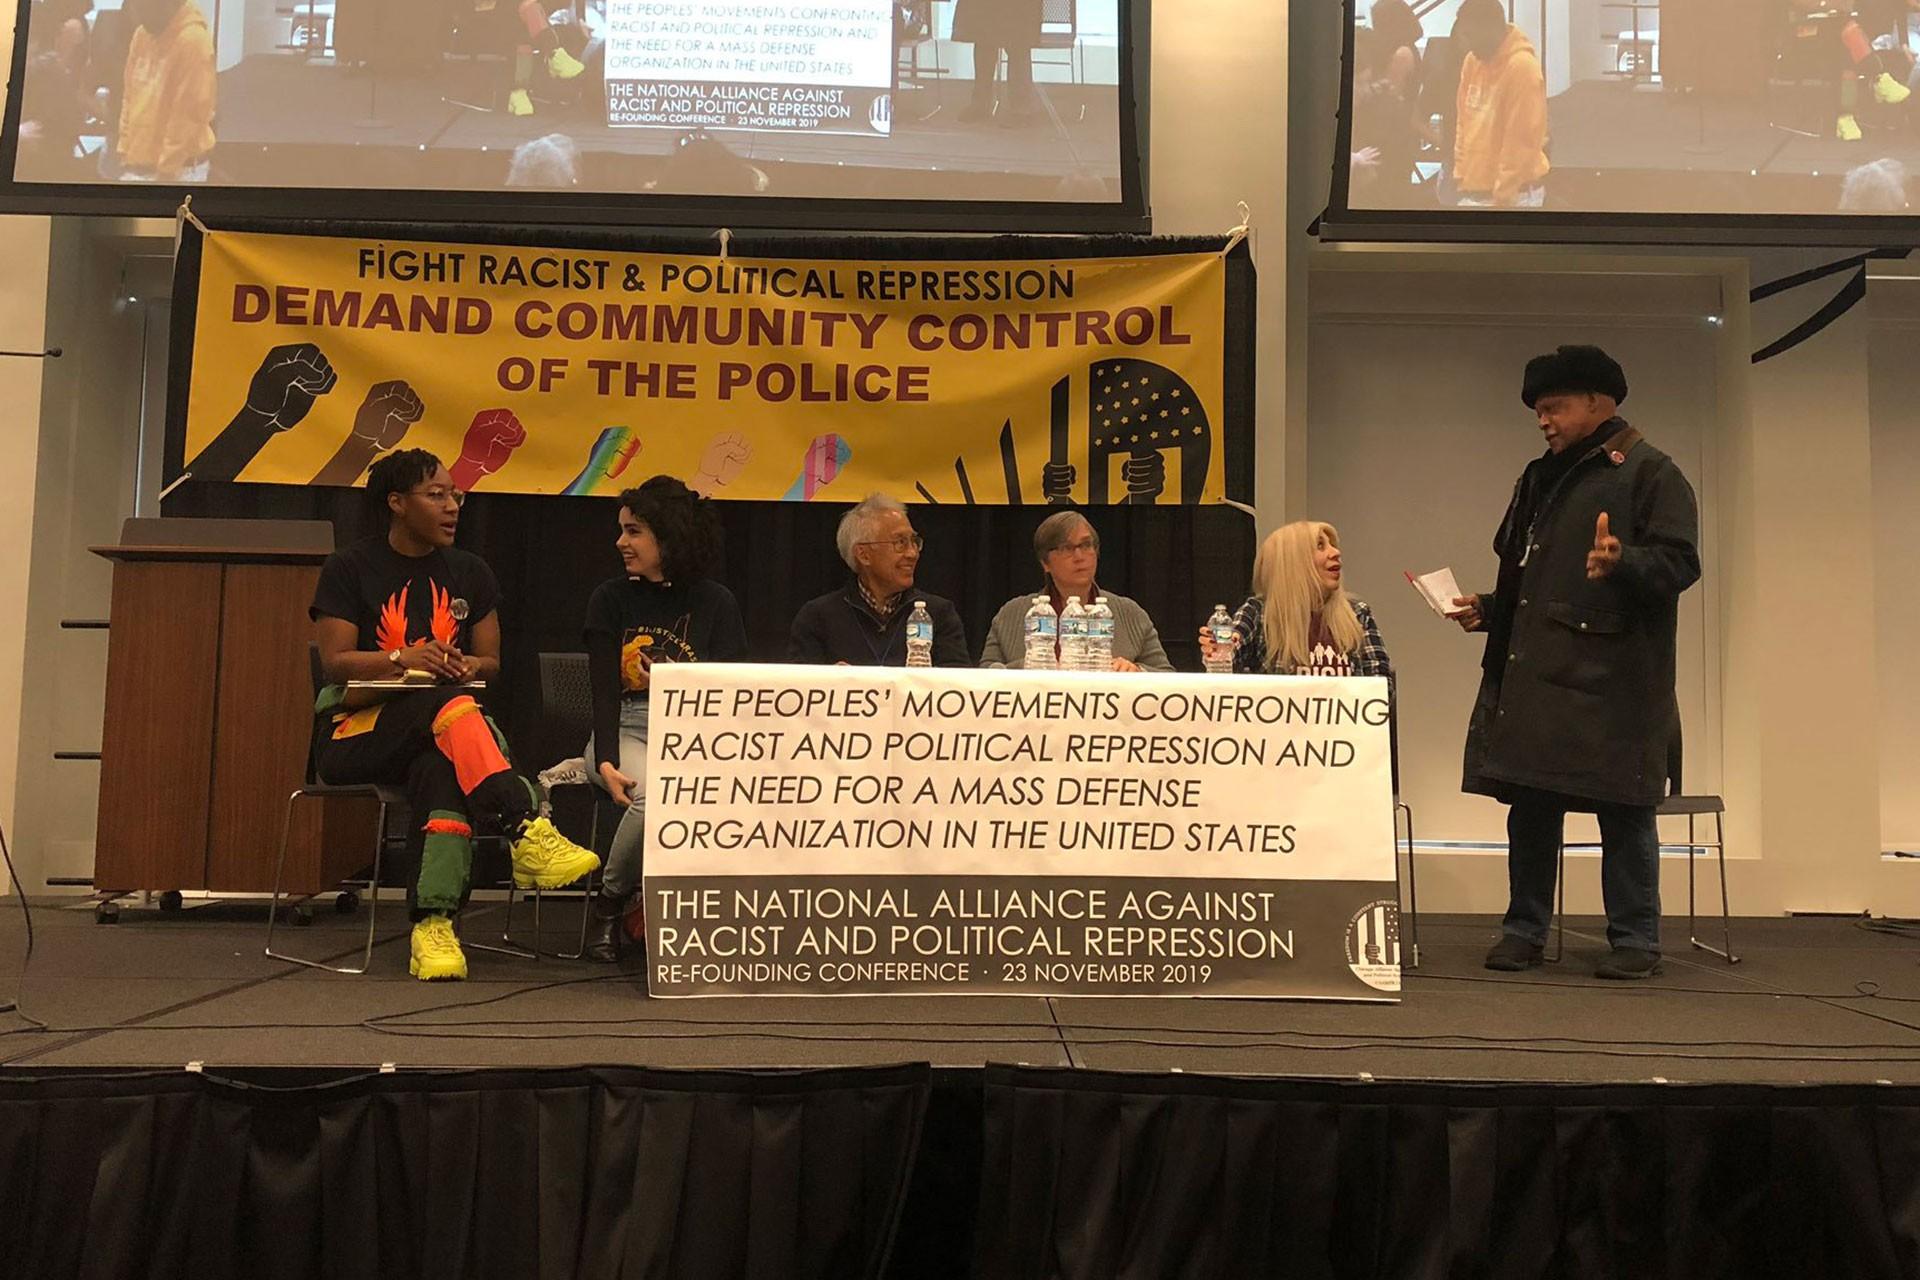 Şikago'da ırkçılığa karşı bir toplantı.